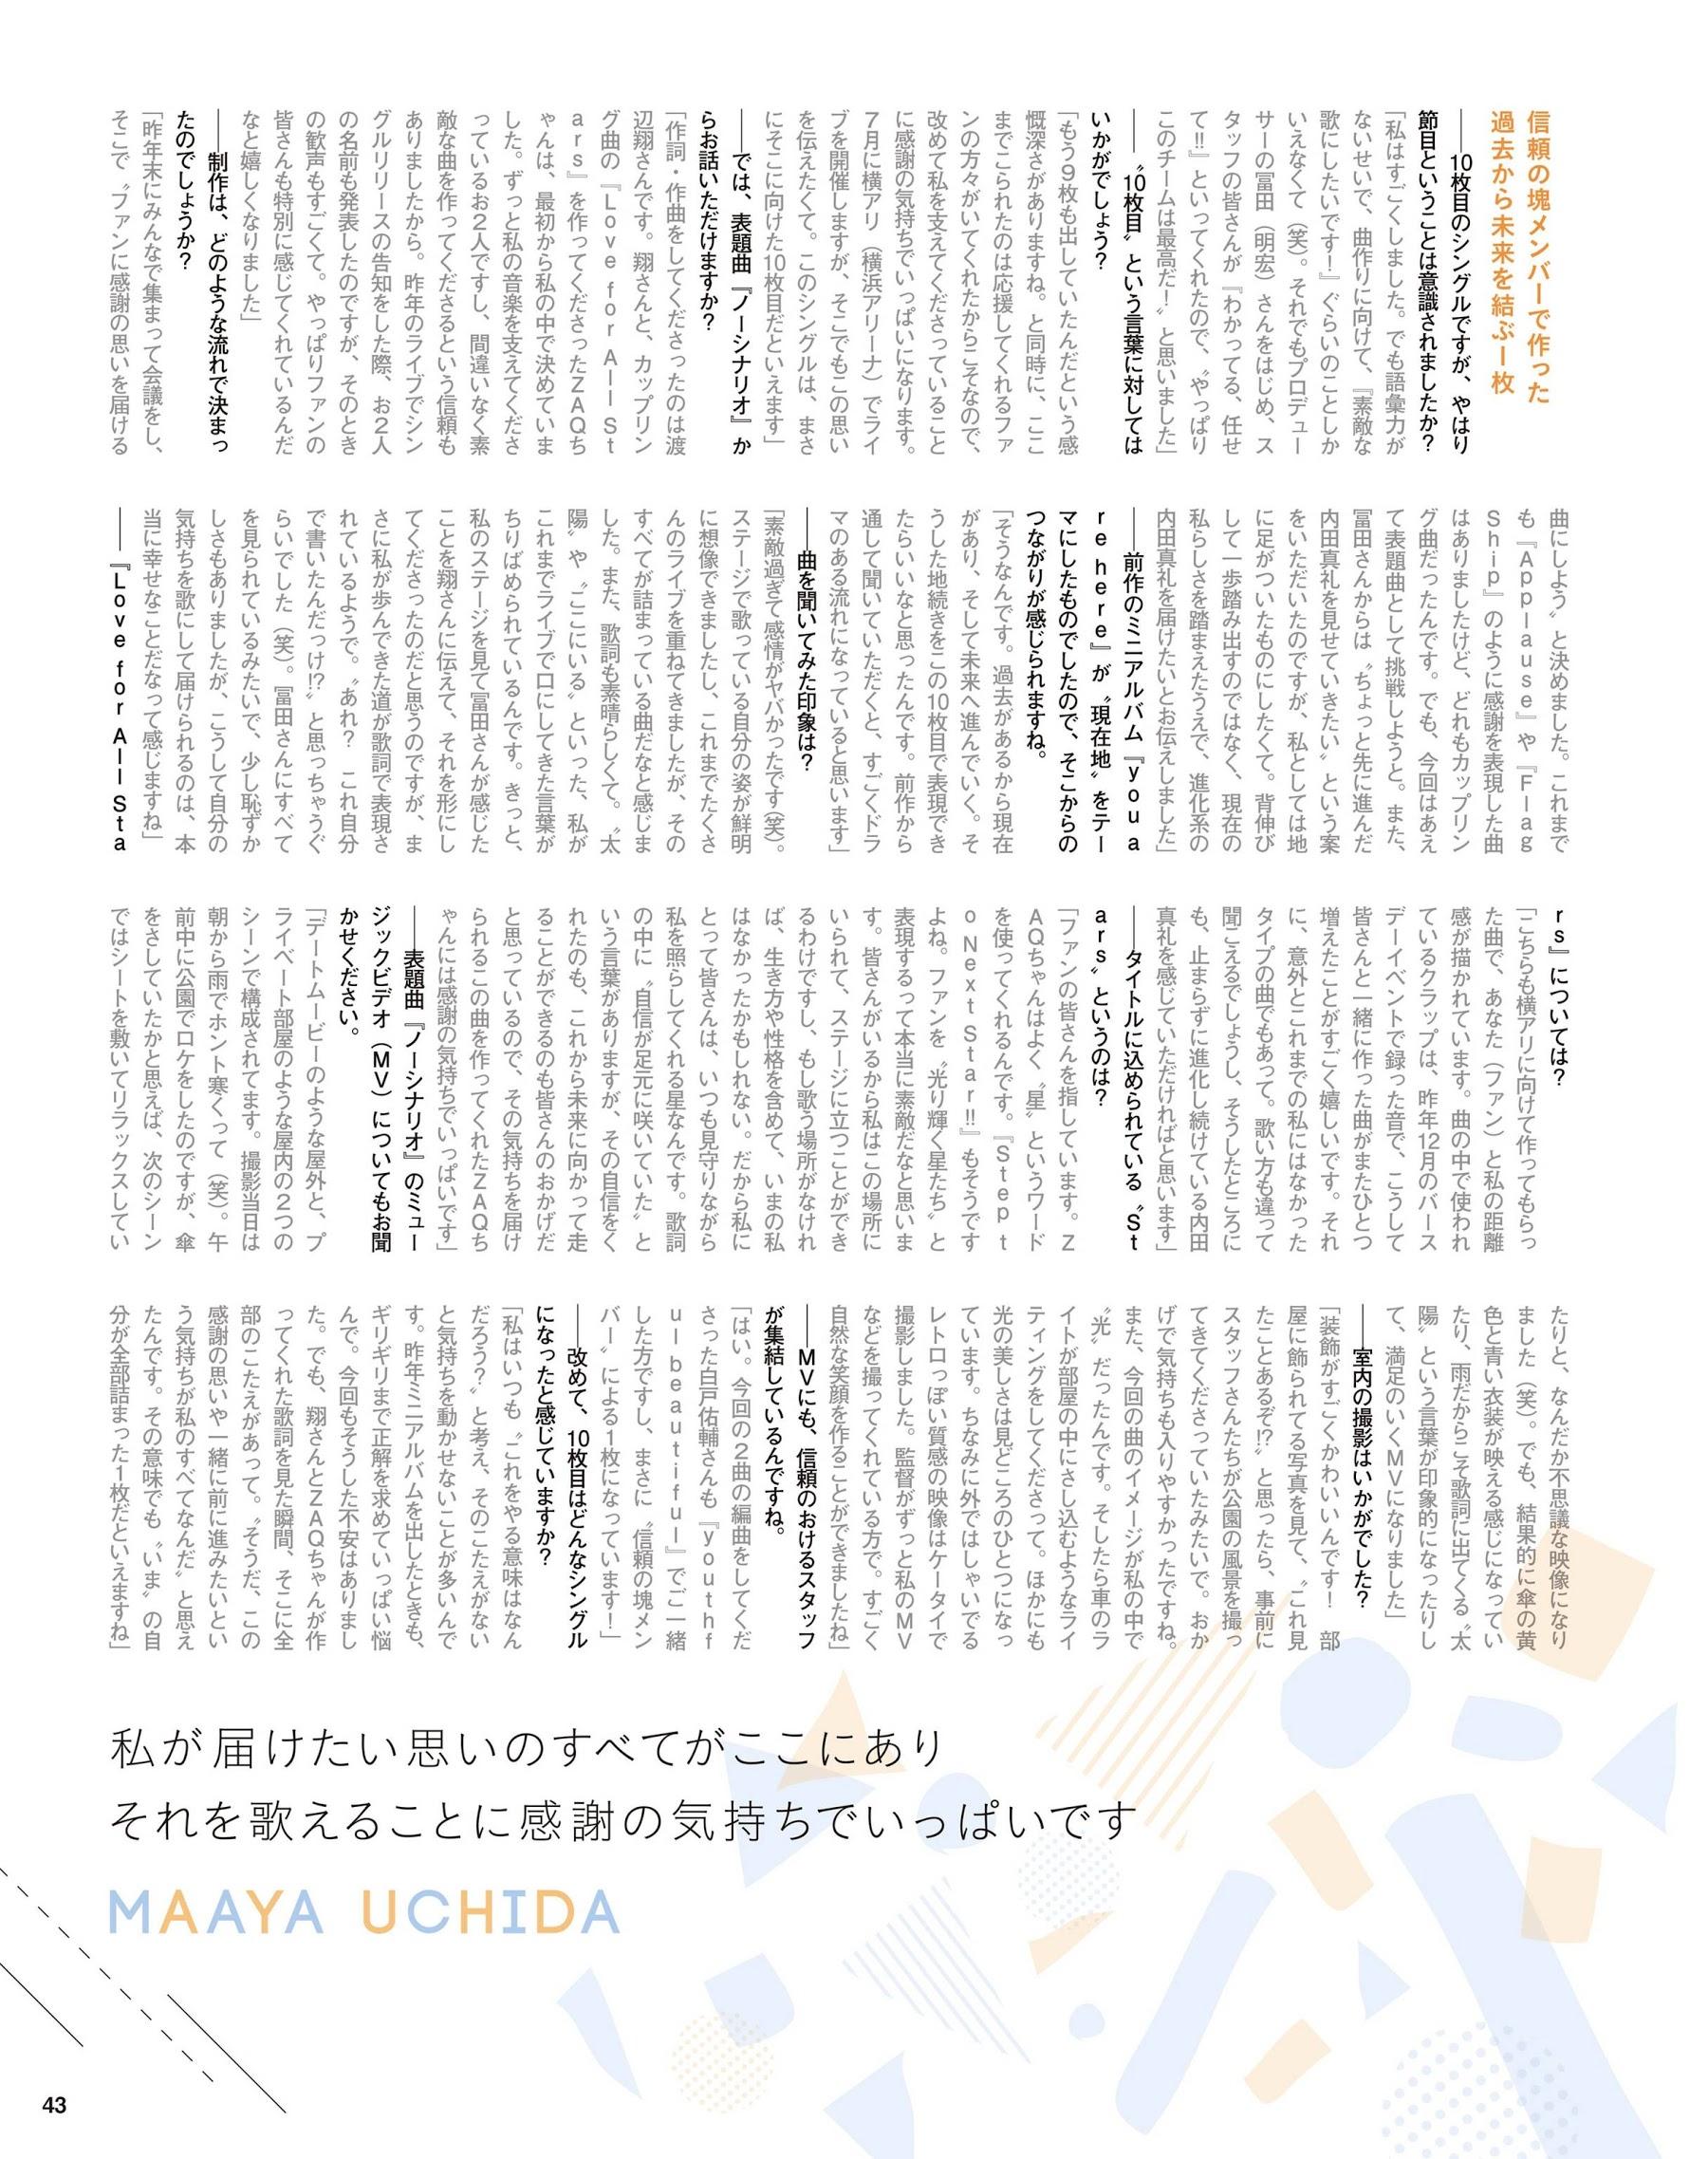 声优Animedia 2020.04 内田真礼可爱写真